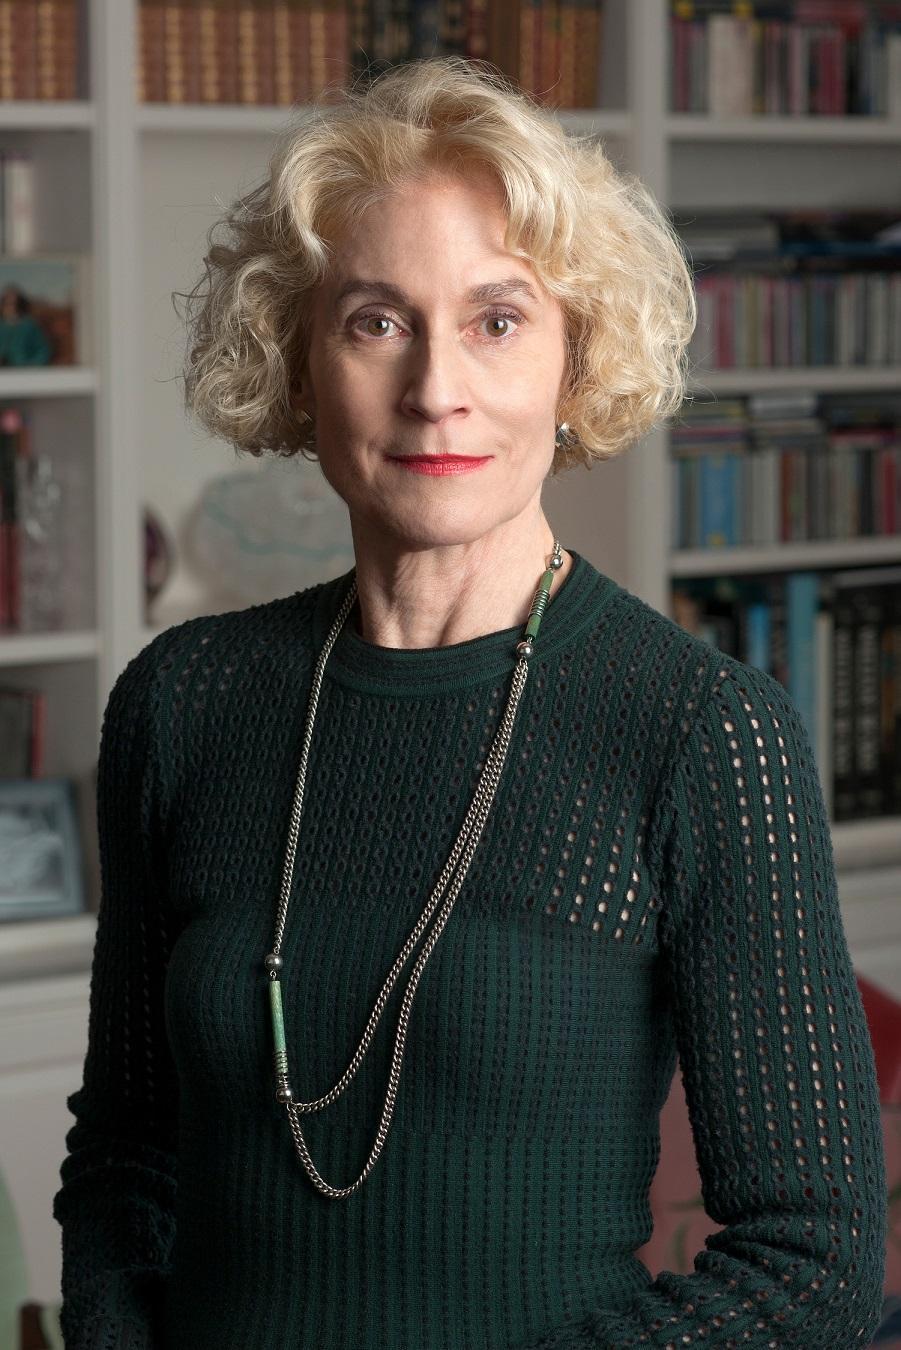 Professor Martha Nussbaum on 'Anger, Powerles